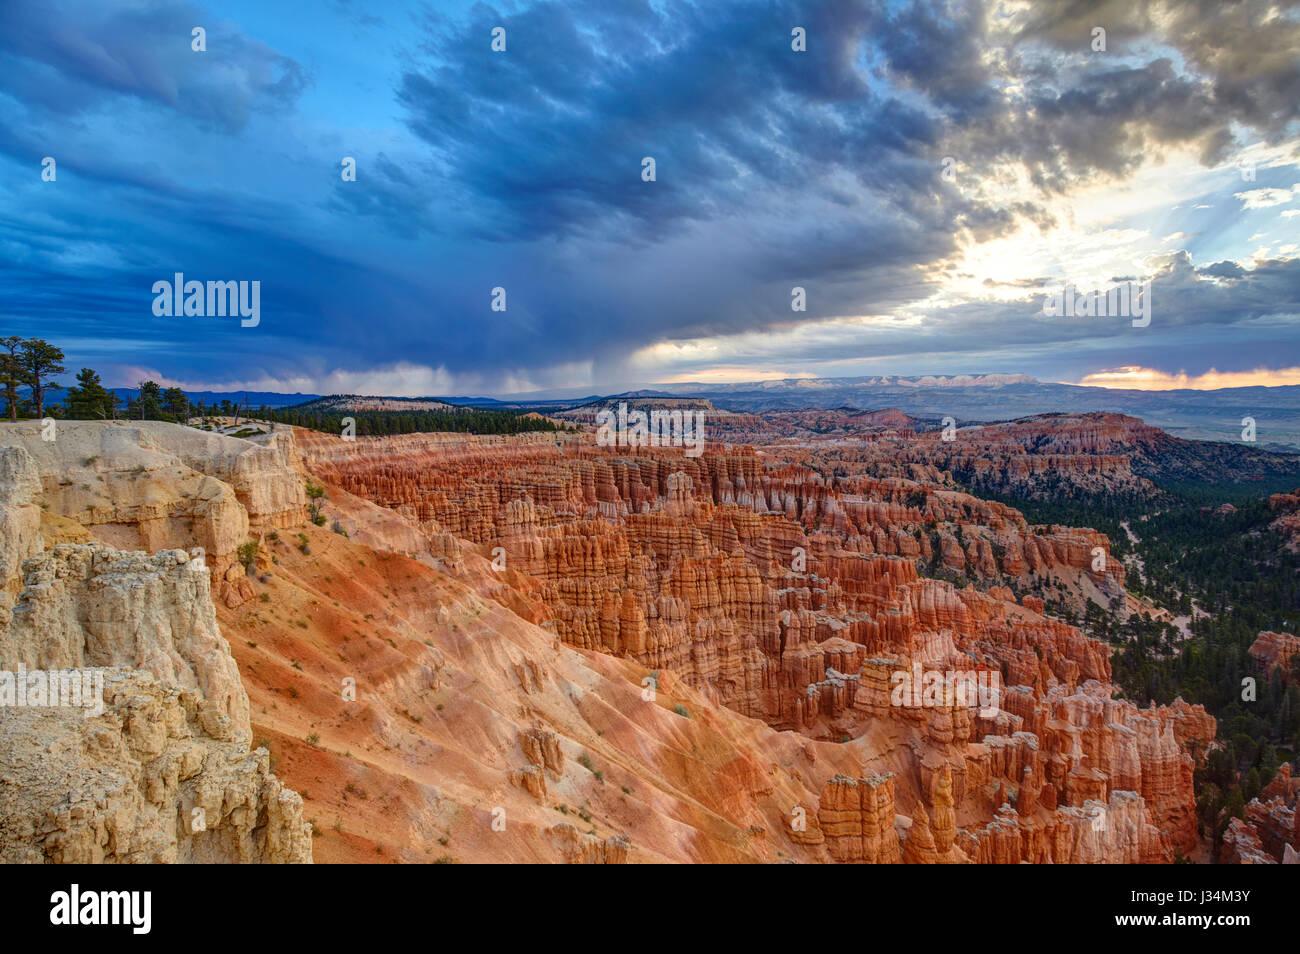 Bryce Canyon, Utah, United States - Stock Image